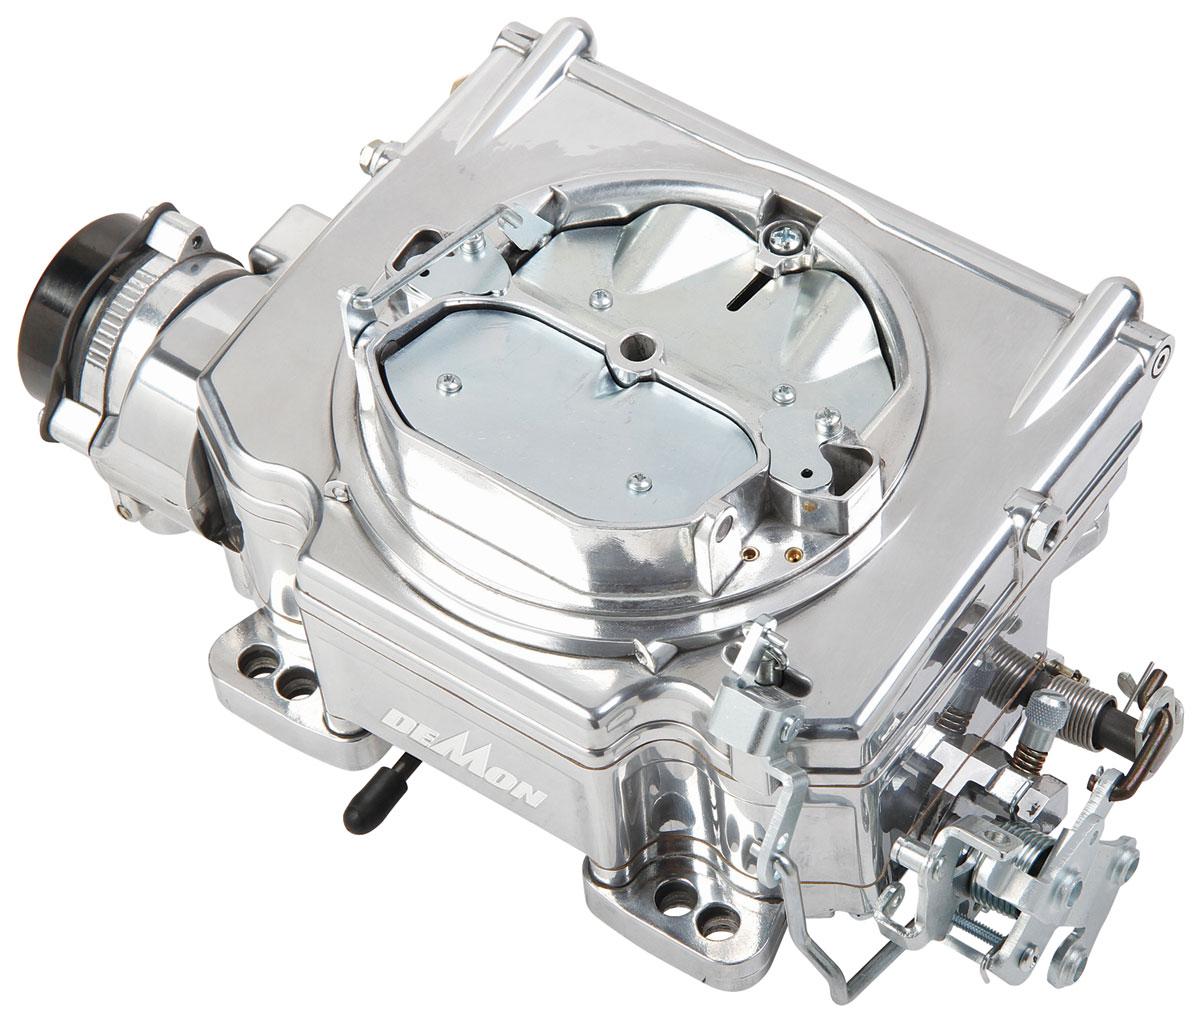 Photo of Carburetors, Street Demon 750 Cfm polished